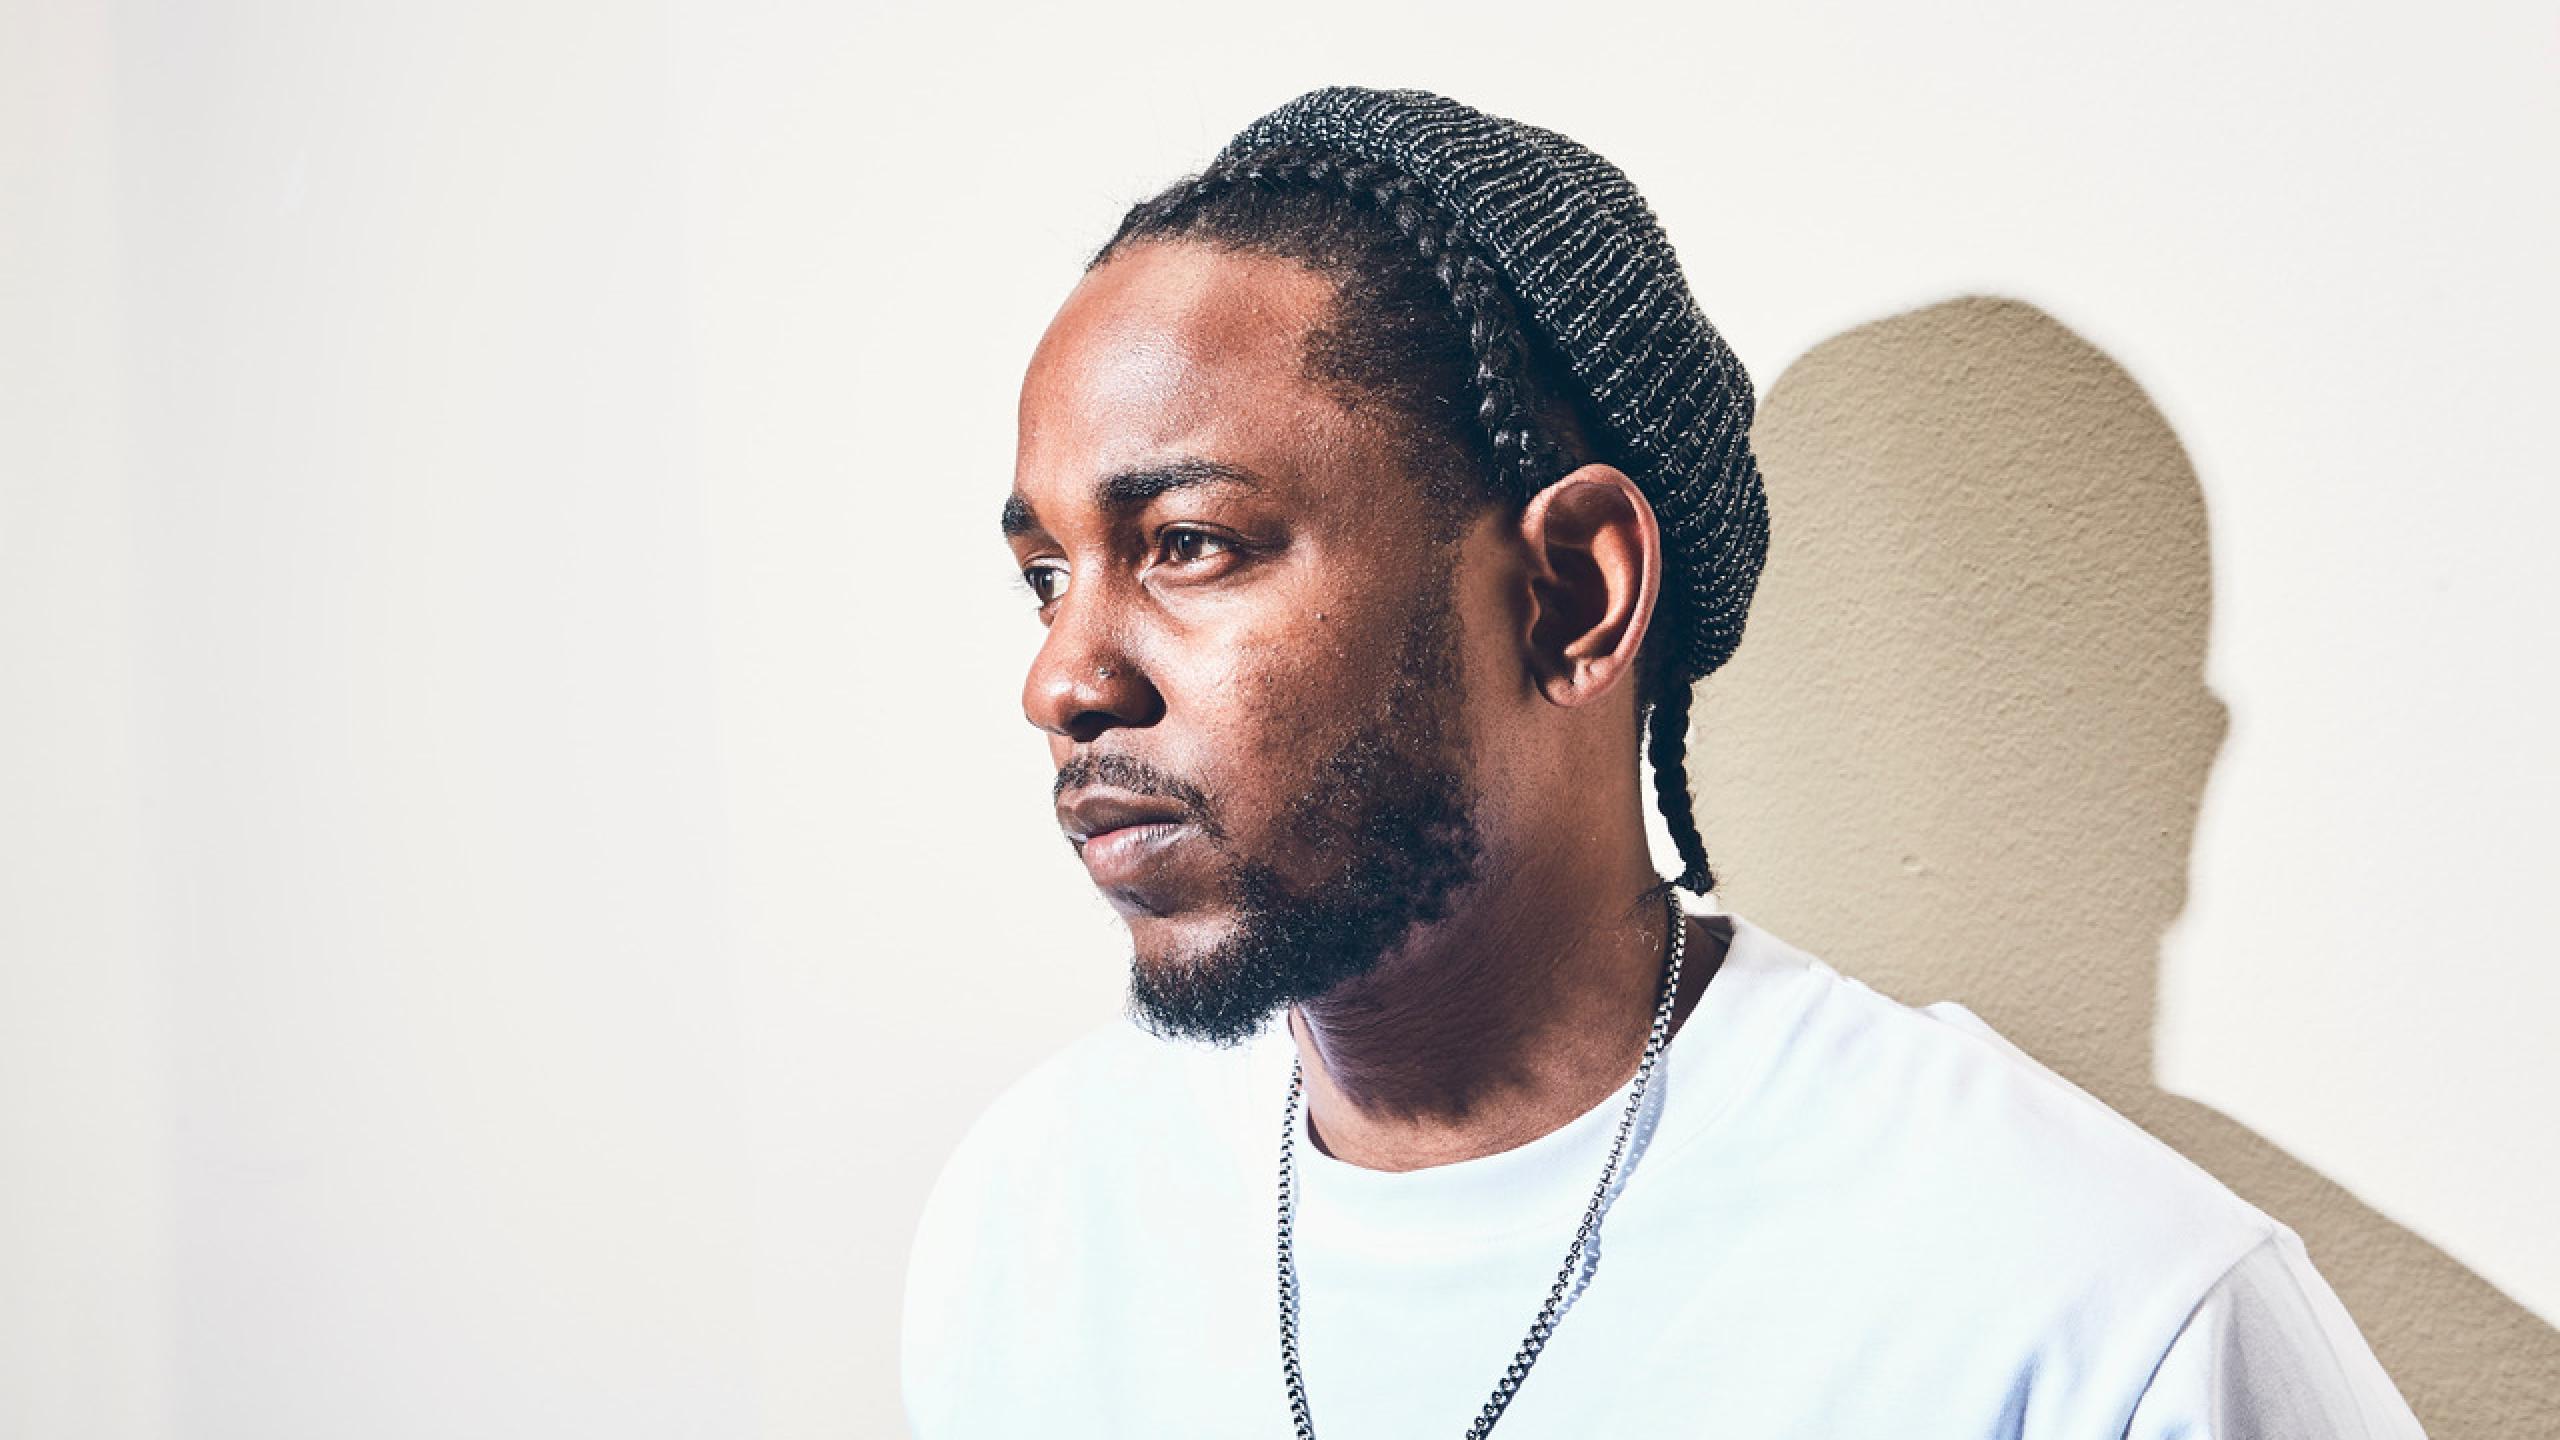 Kendrick Lamar 2020 Tour Kendrick Lamar tour dates 2019 2020. Kendrick Lamar tickets and